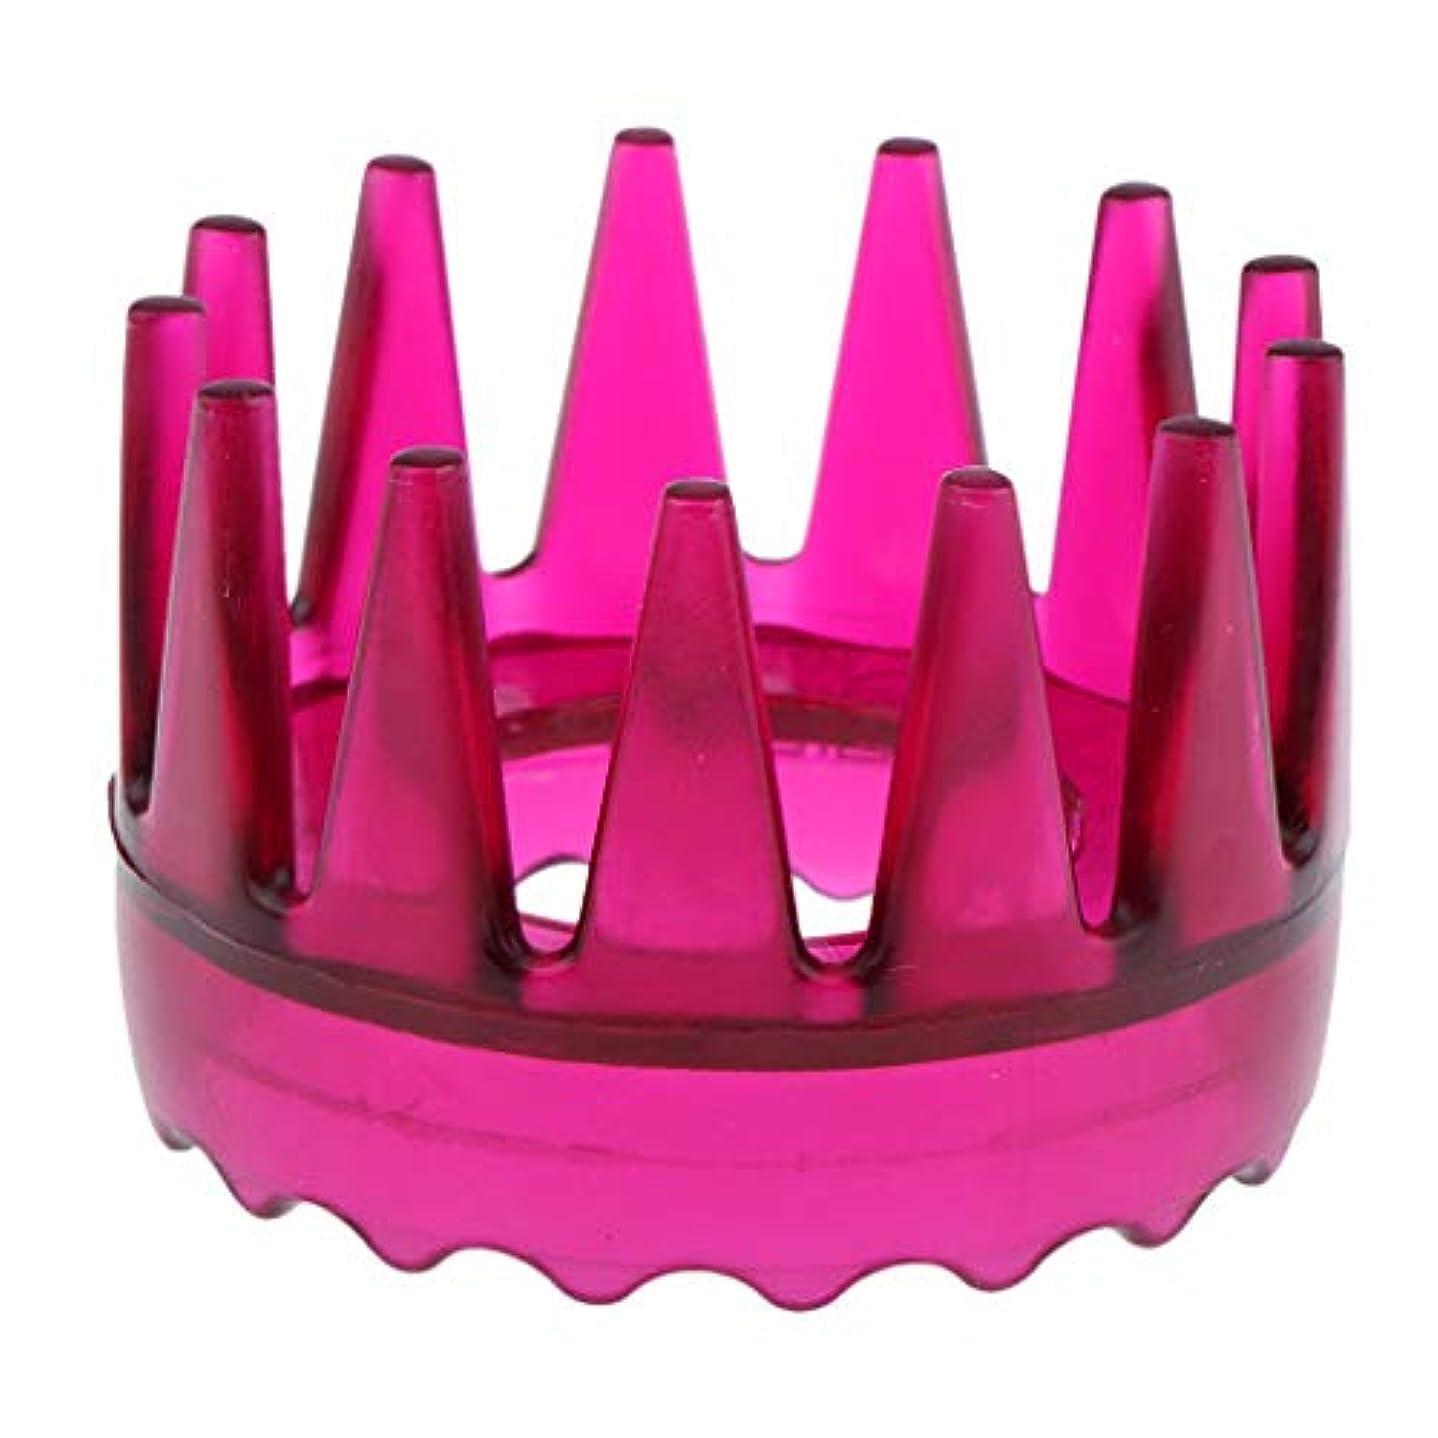 無駄なドーム取り囲むSharplace 頭皮マッサージ 櫛 シャワー シャンプー ヘアブラシ 4色選べ - ローズレッド